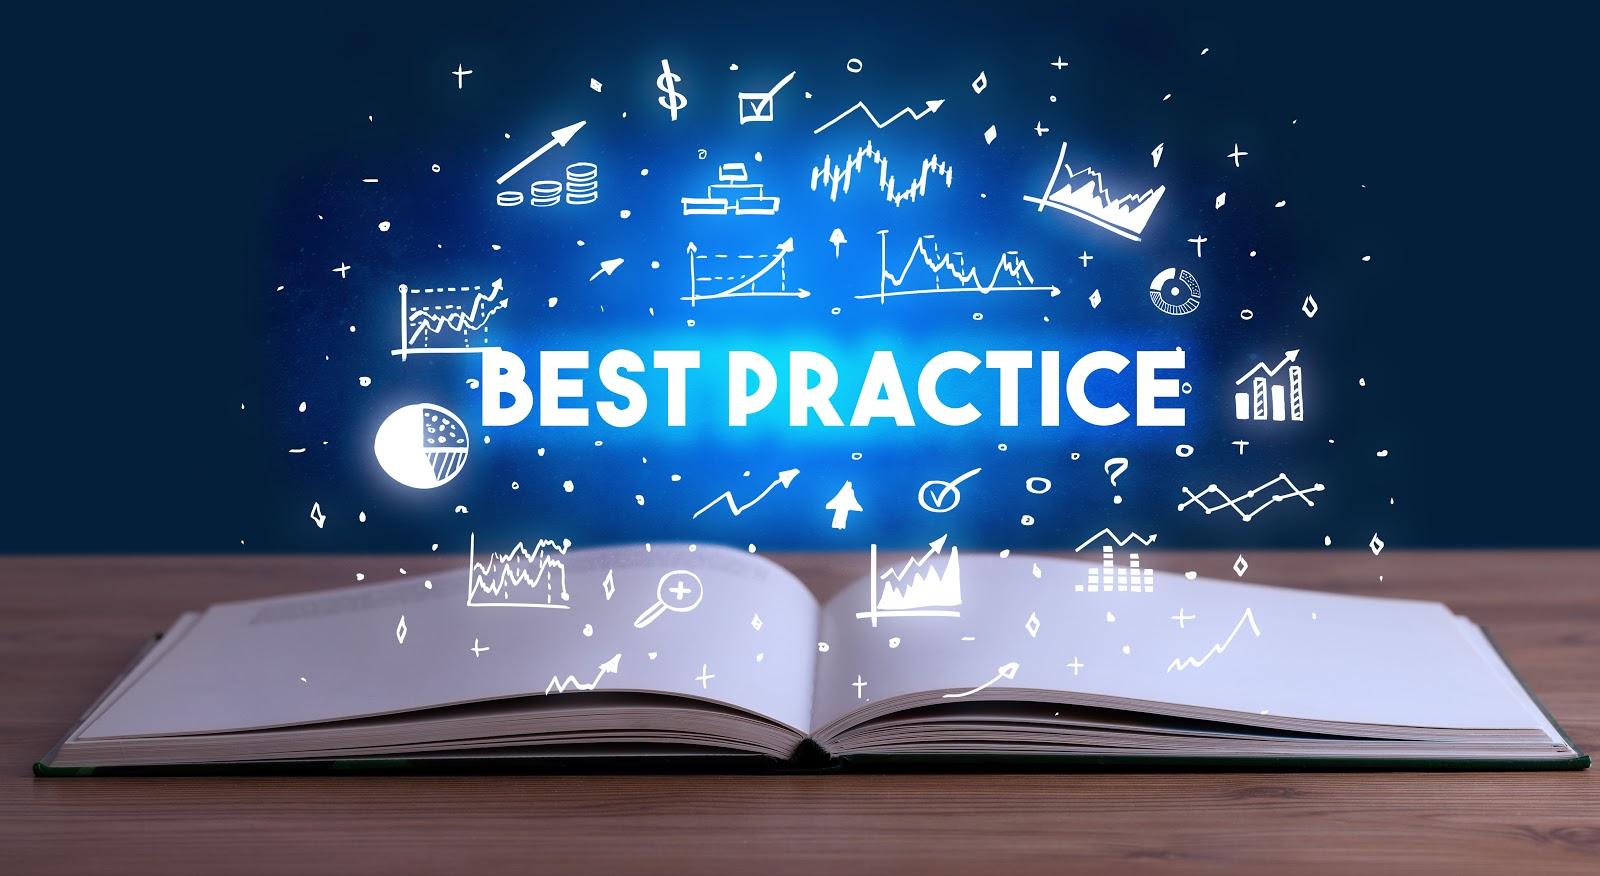 best_practice